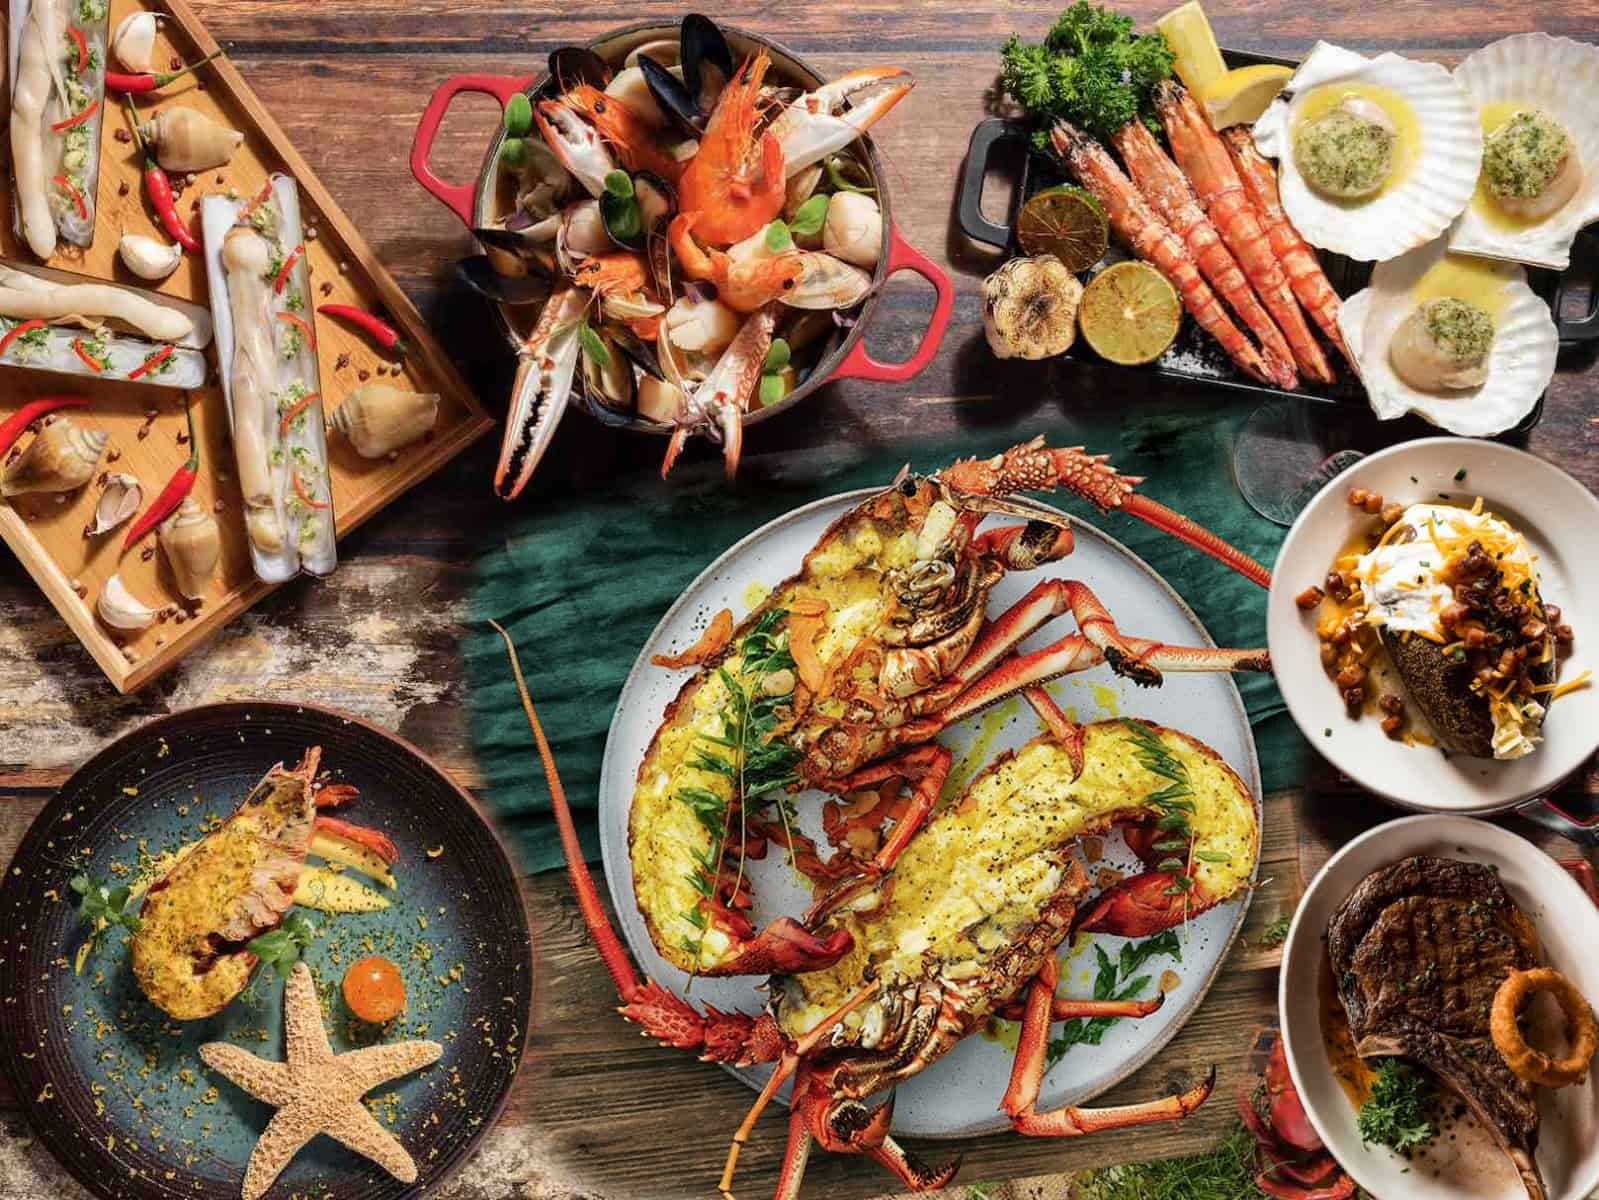 Review 10 quán hải sản ngon ở Đà Nẵng - VN Reviews